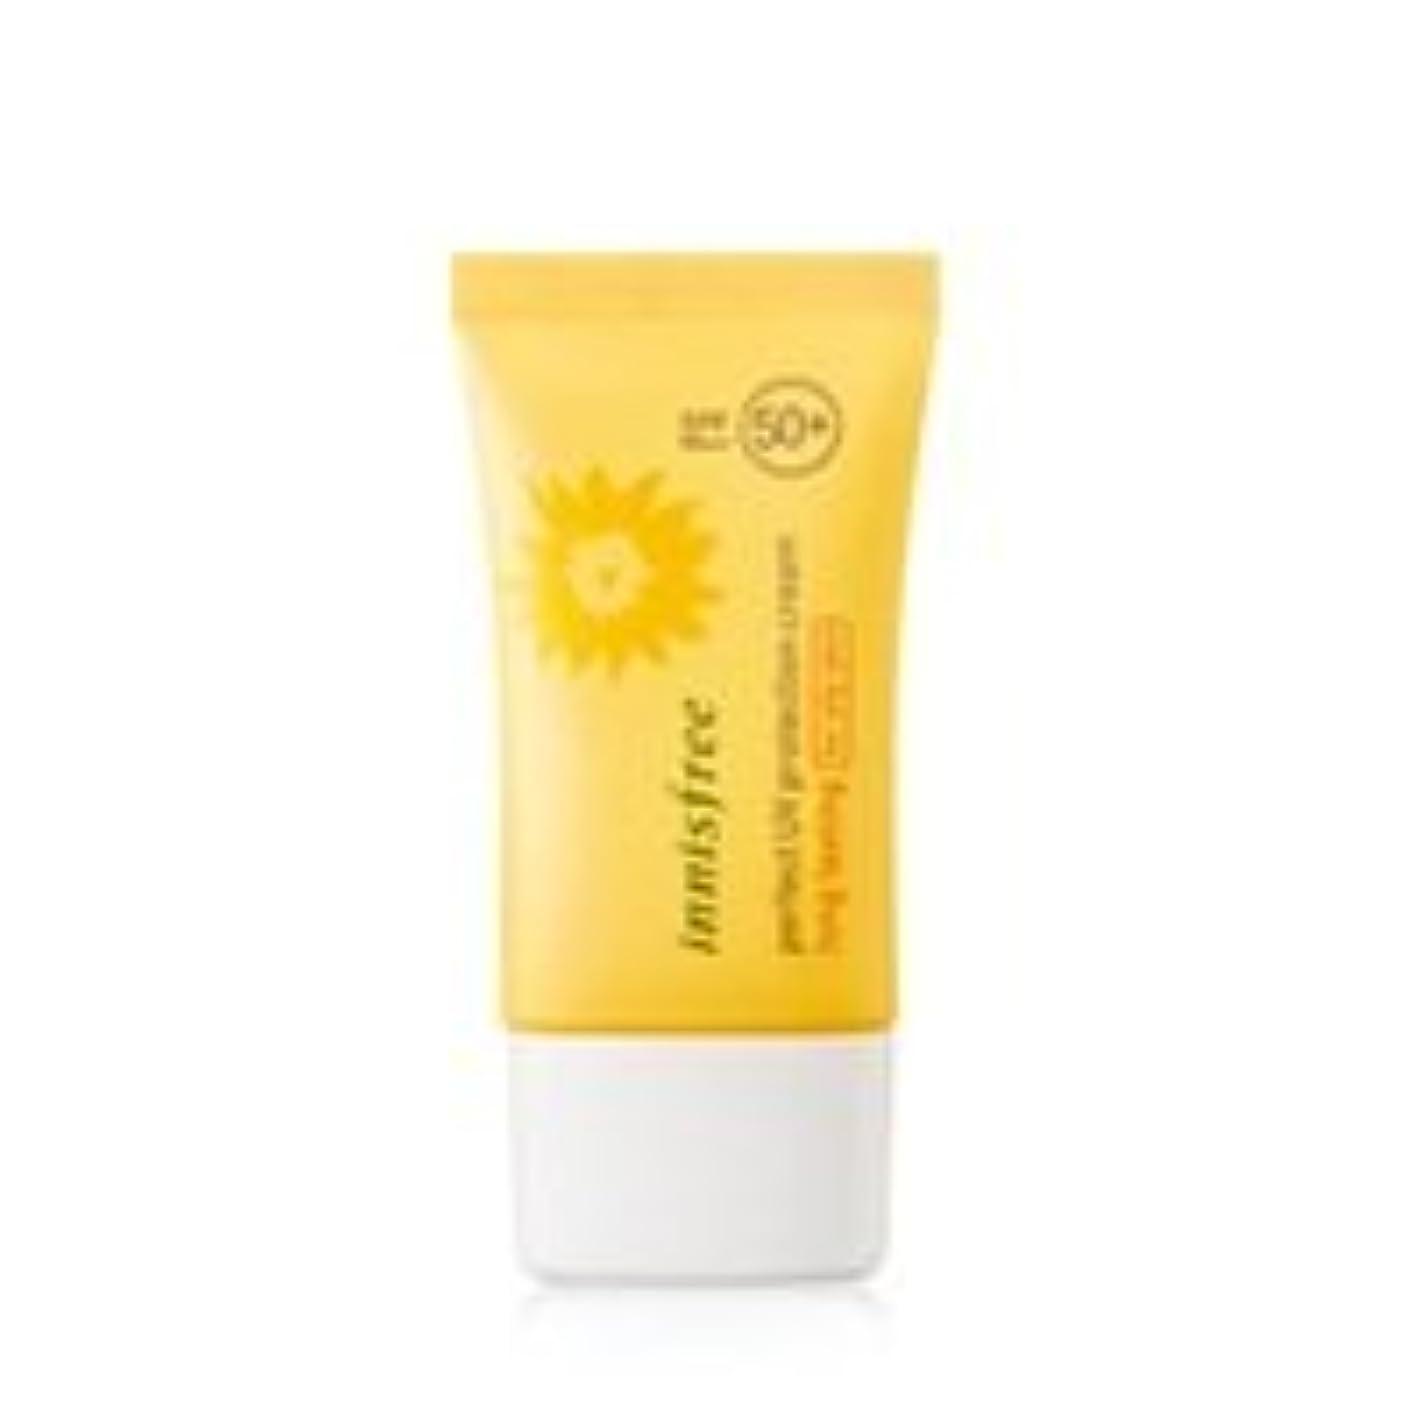 悪意のあるバルセロナ改修する[NEW] Innisfree Perfect UV Protection Cream Long Lasting 50ml [FOR OILY SKIN] イニスフリー パーフェクトUVプロテクションクリーム ロングラスティング...